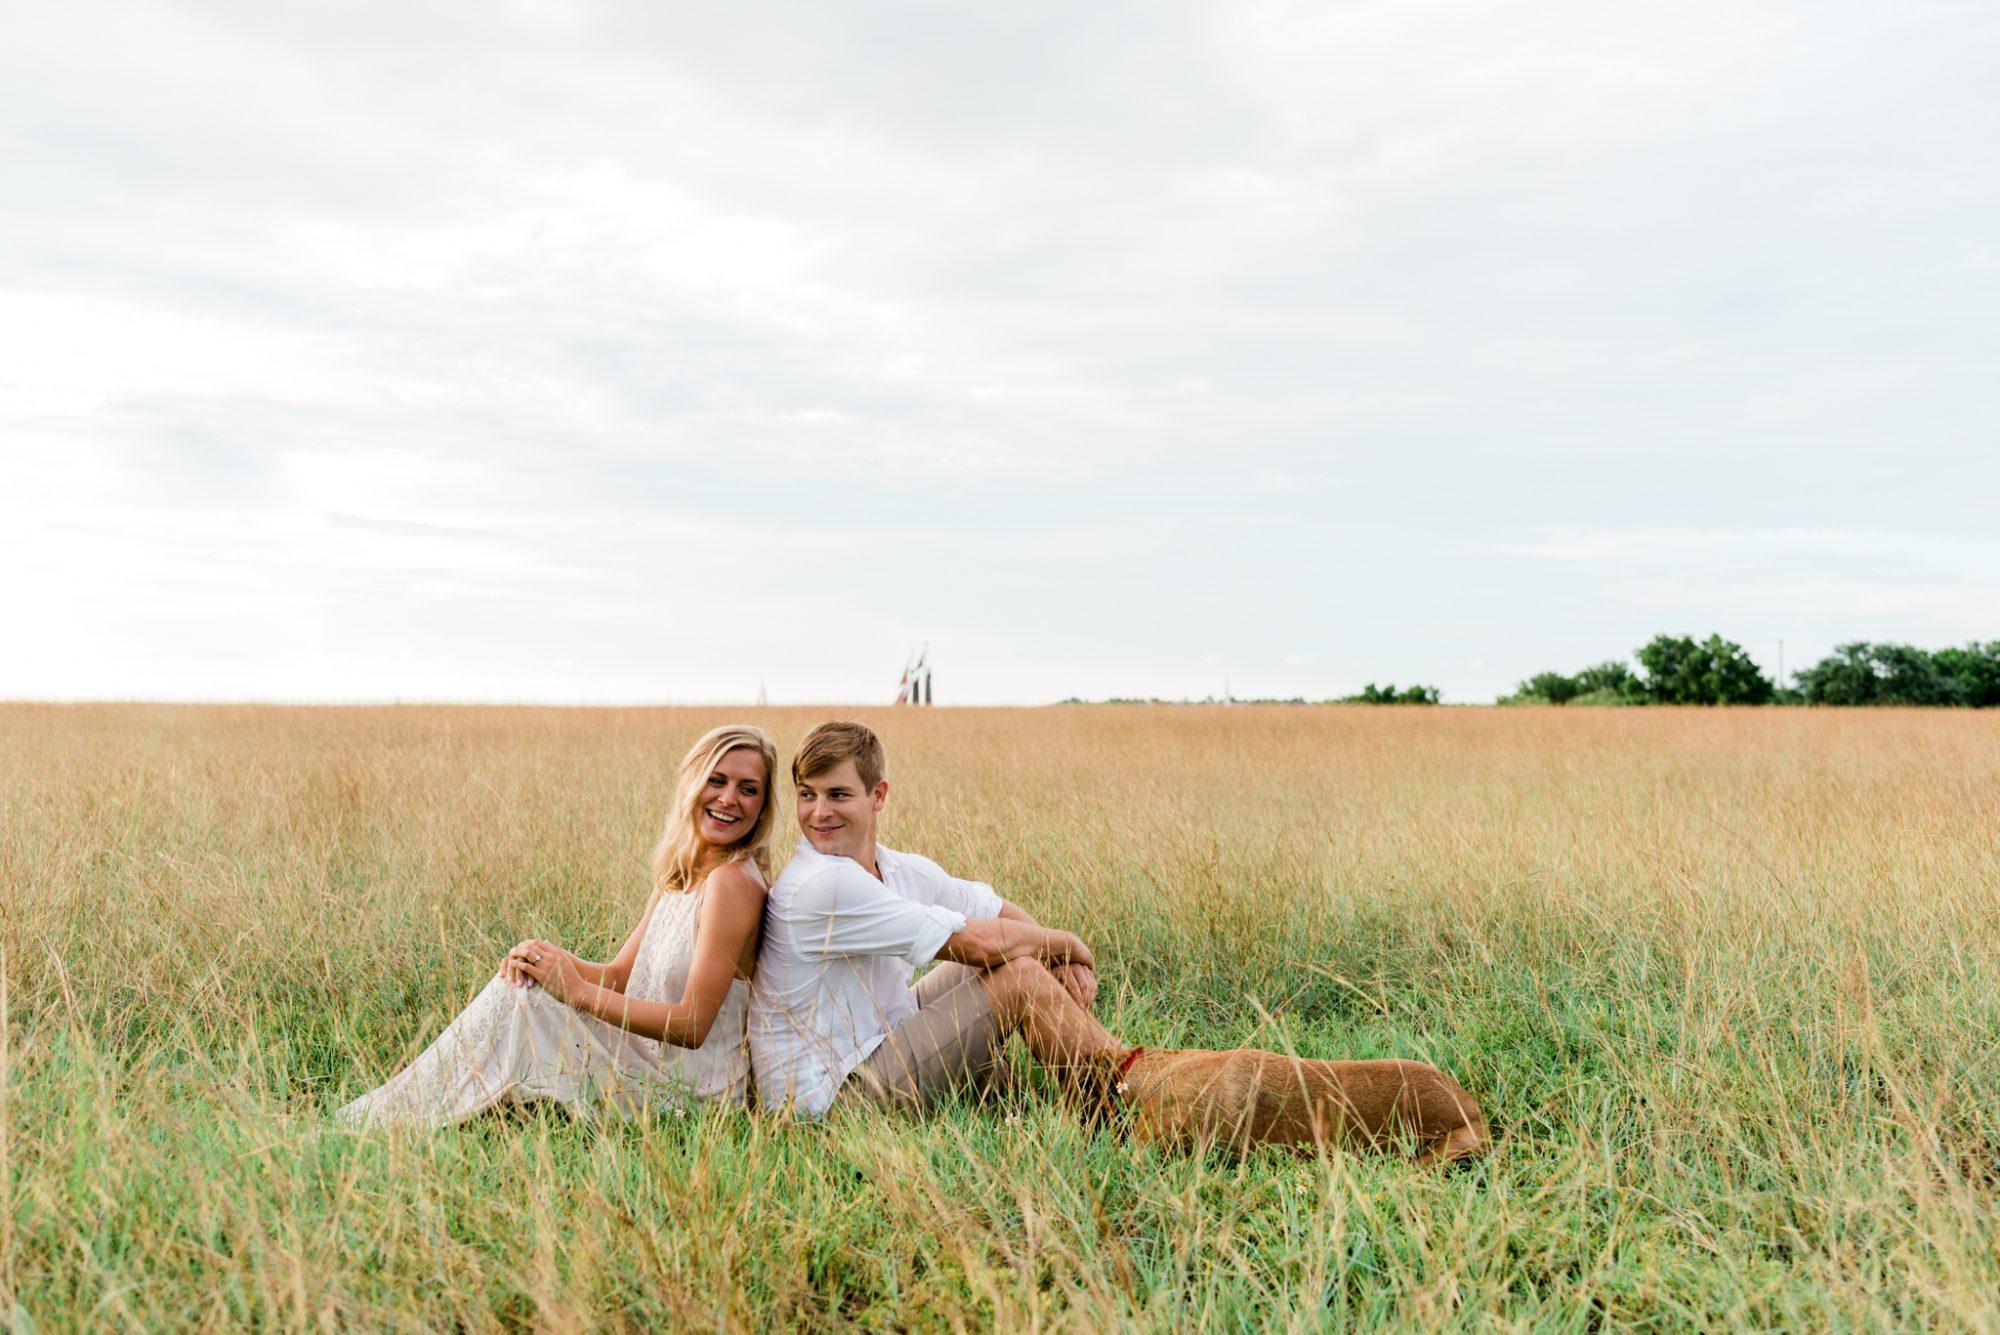 shelby-jake-engagement-photos-29